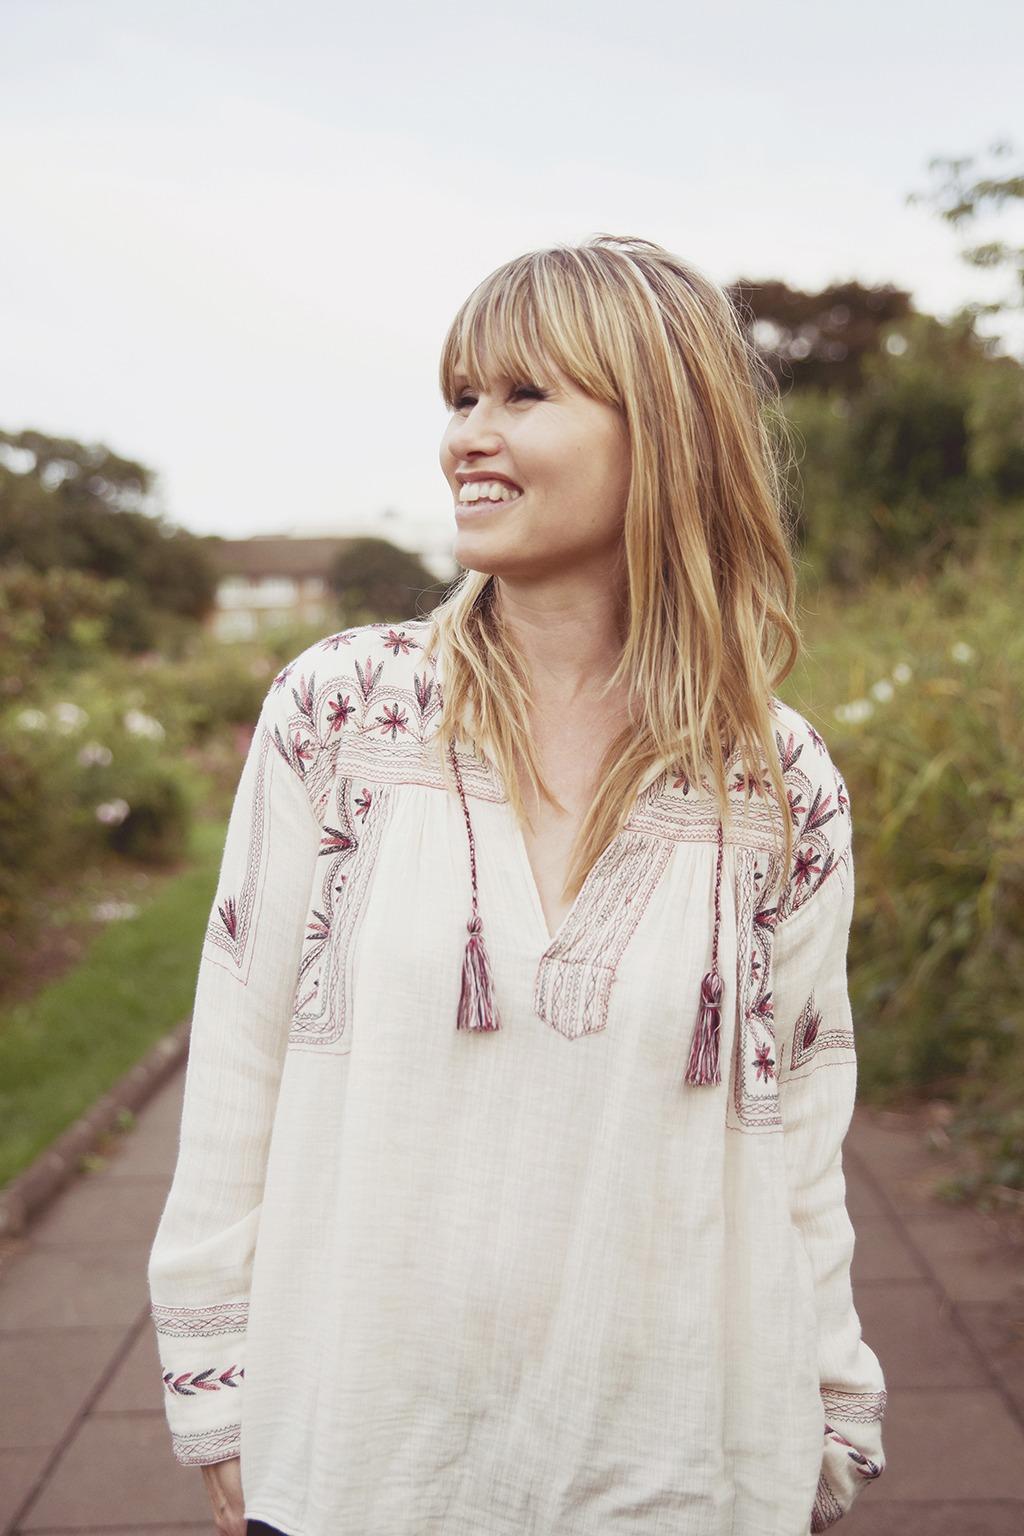 Zoe Edwards